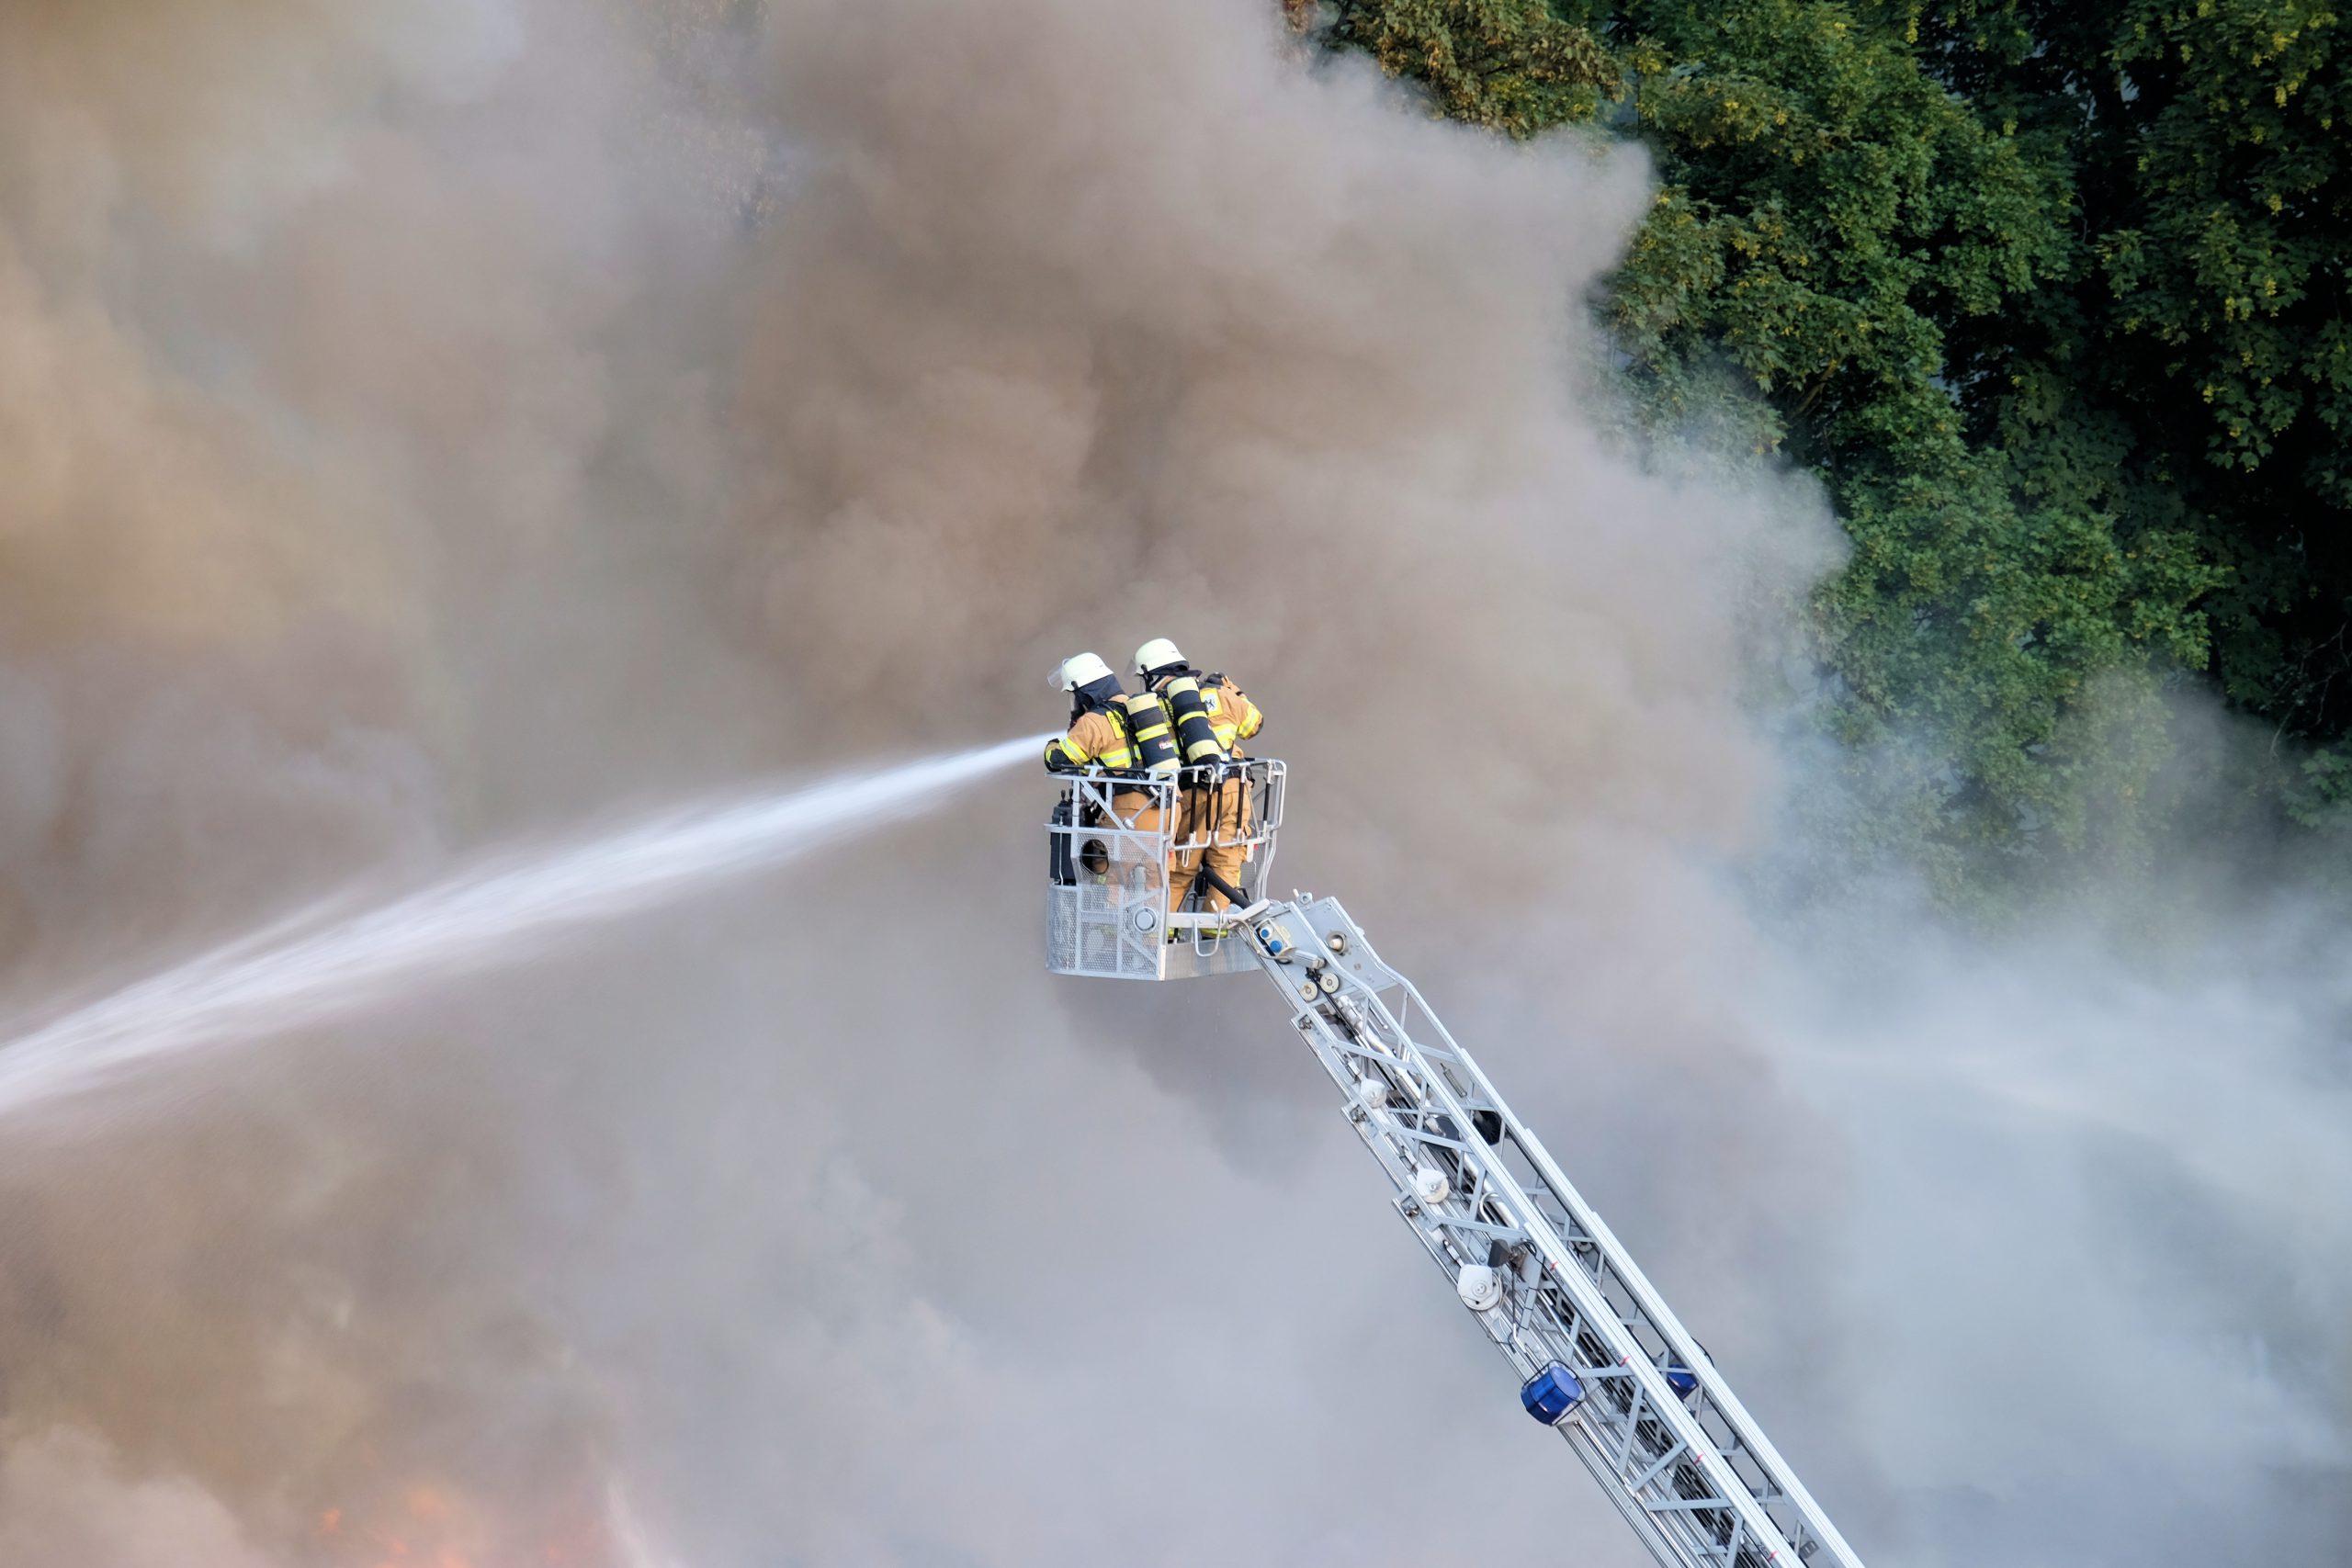 Yangından oluşan kütleli dumanlar önünde bir portatif asansörde yangına su ile müdahale eden iki itfaiye görevlisi.